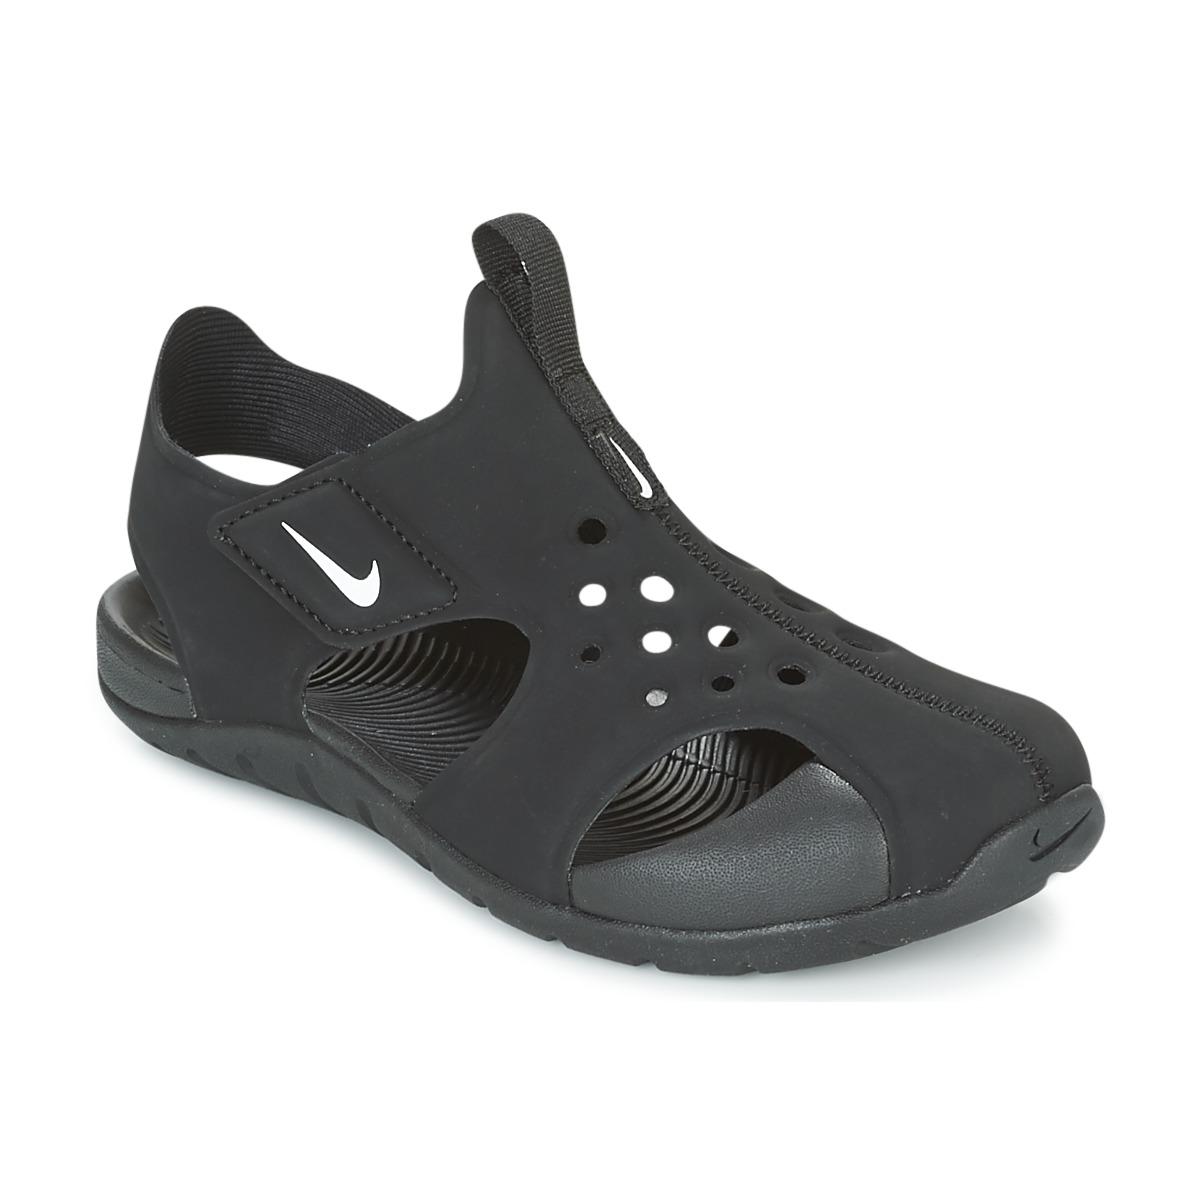 Sandaler til børn Nike  SUNRAY PROTECT 2 CADET